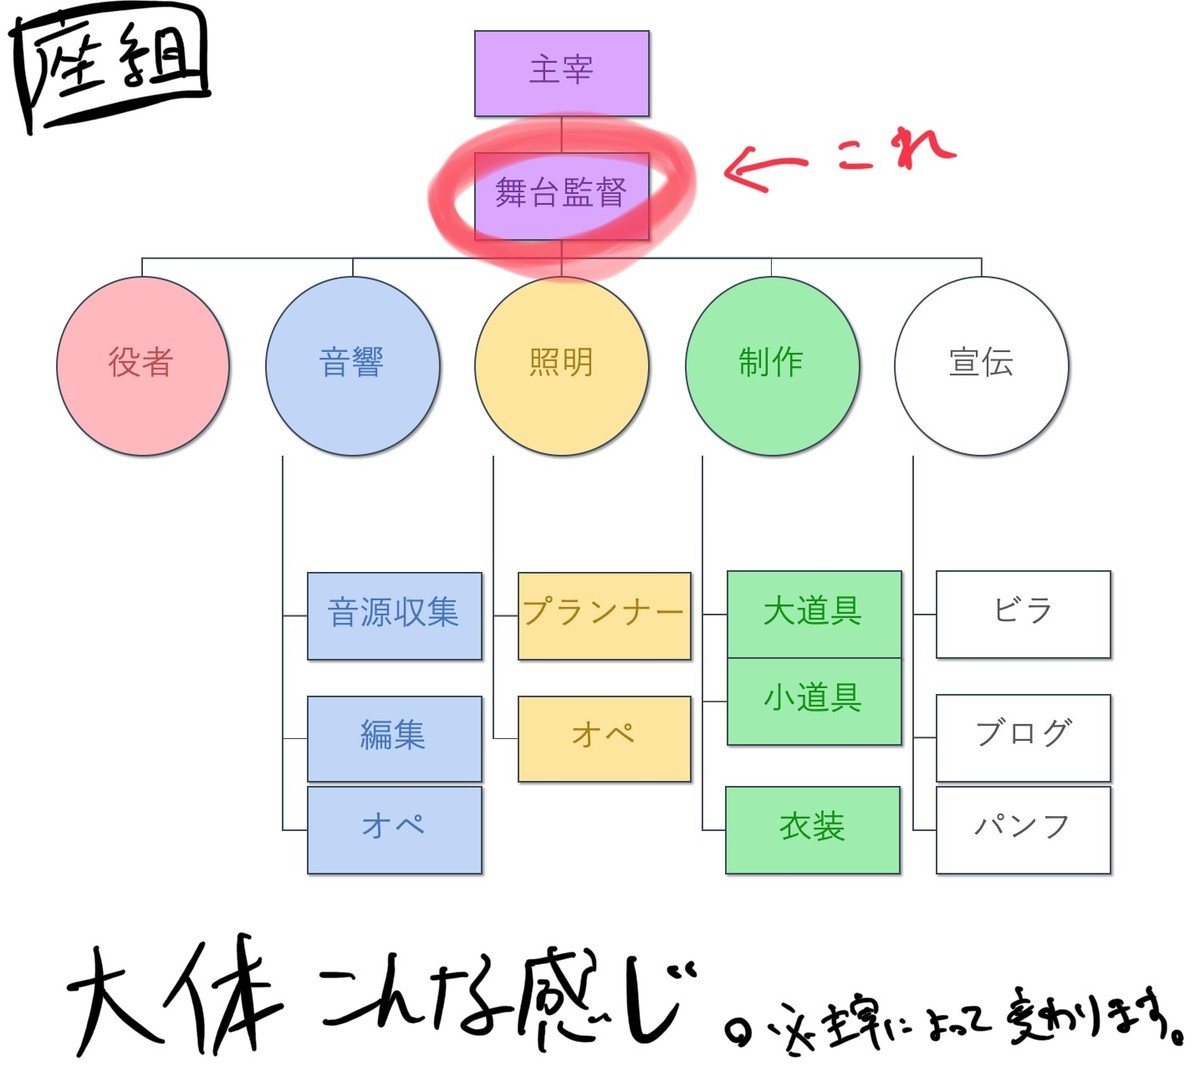 f:id:tamageki:20190401200459j:plain